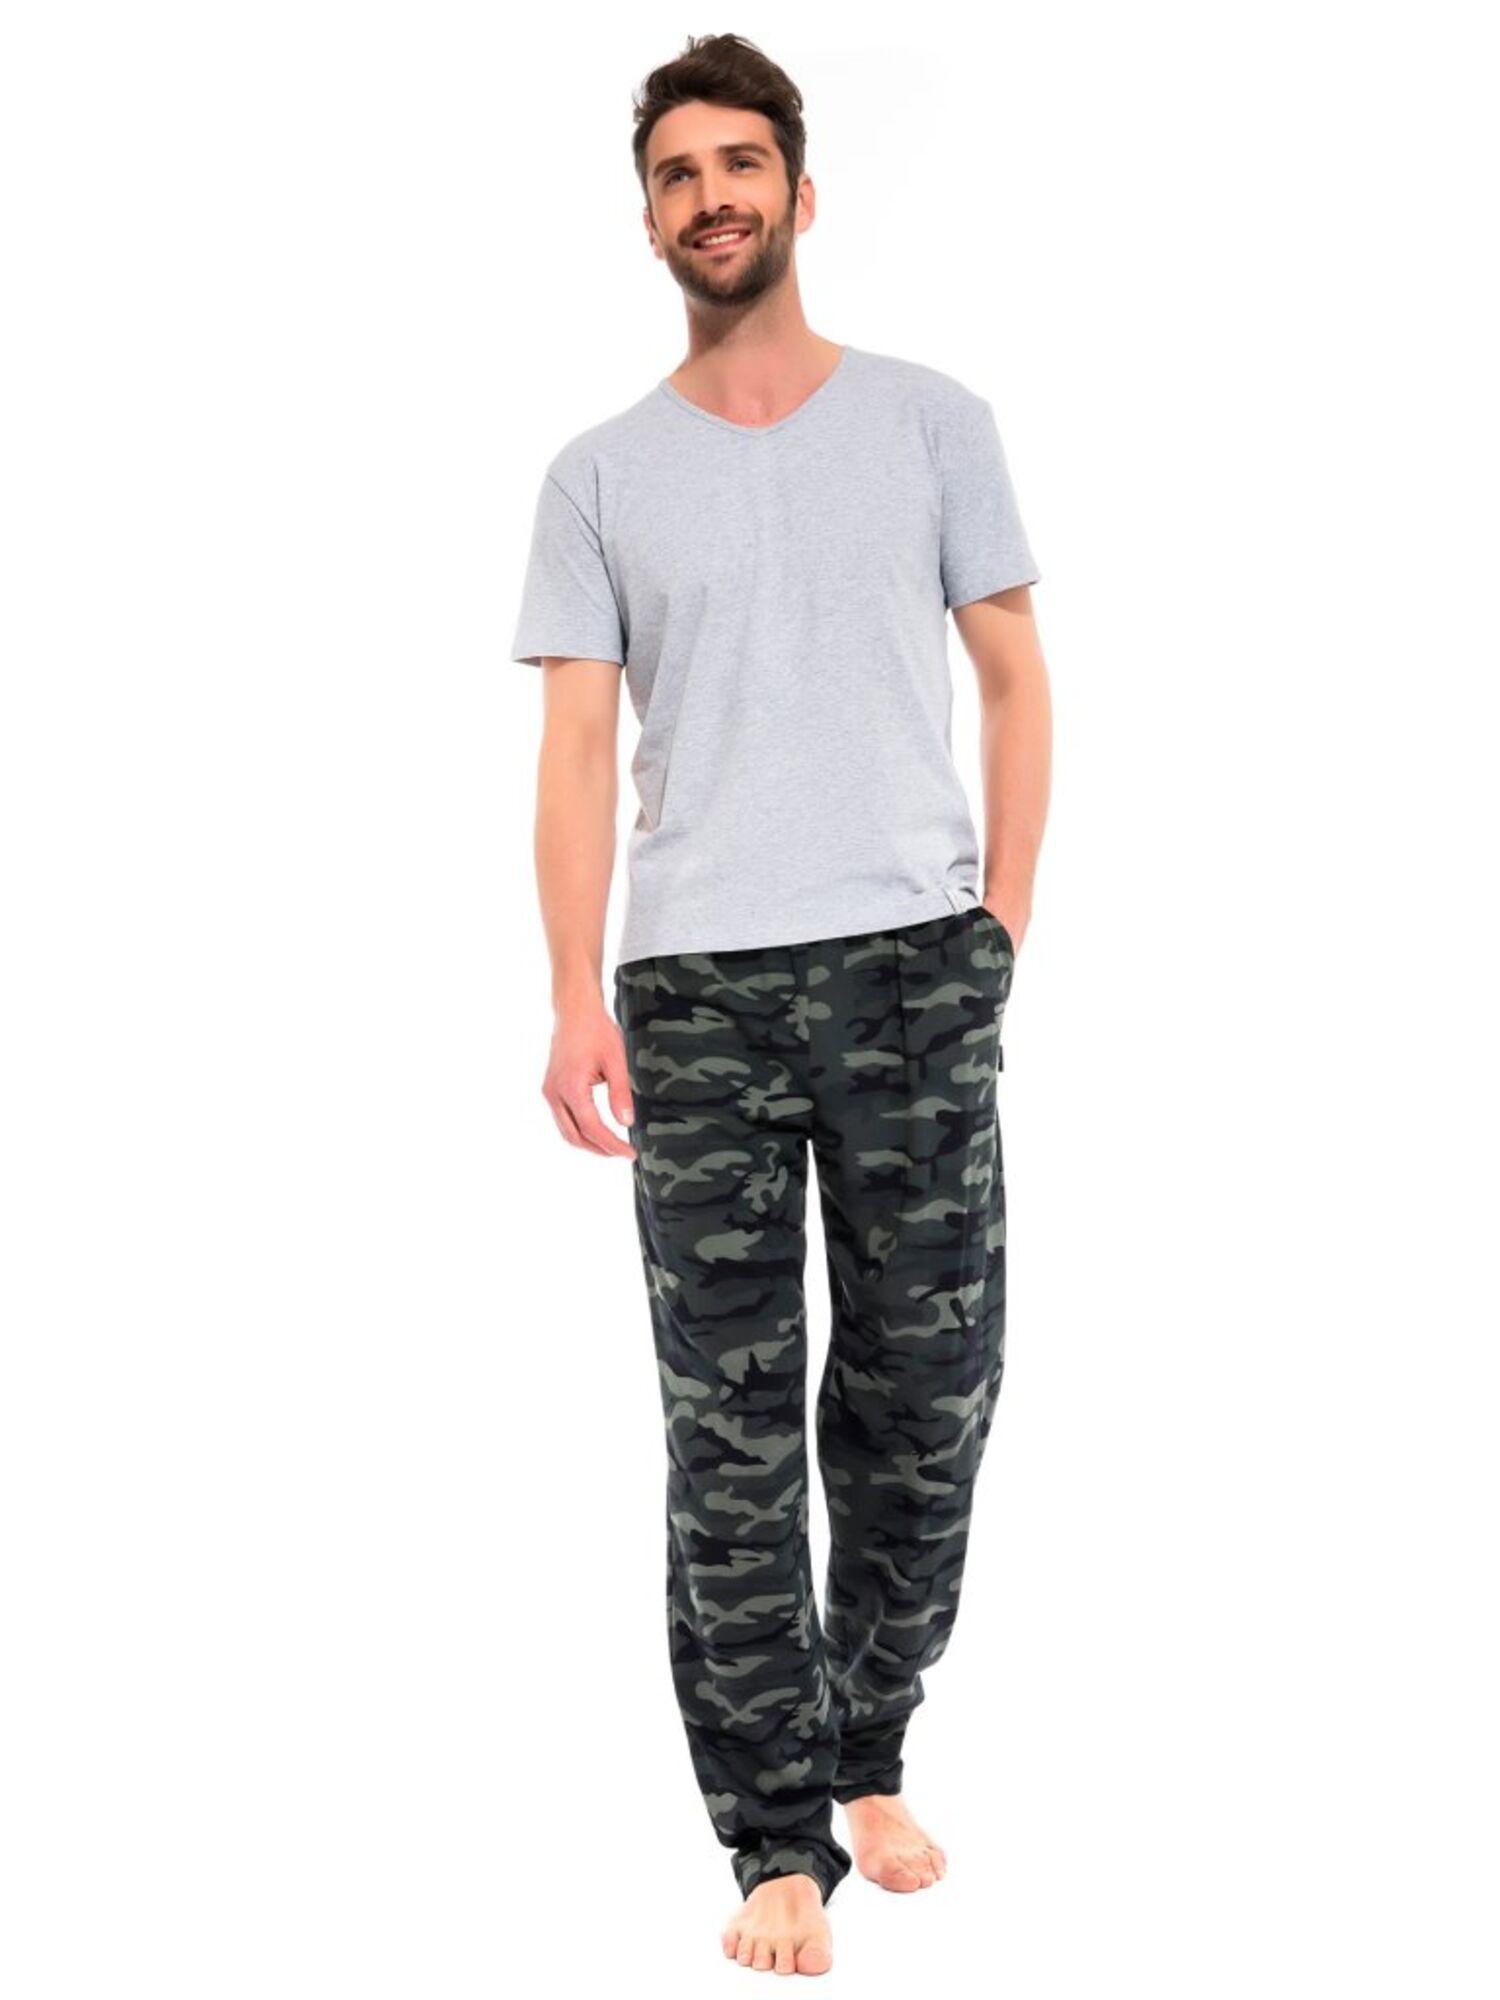 Легкие трикотажные брюки Marine Militaire 042 хаки